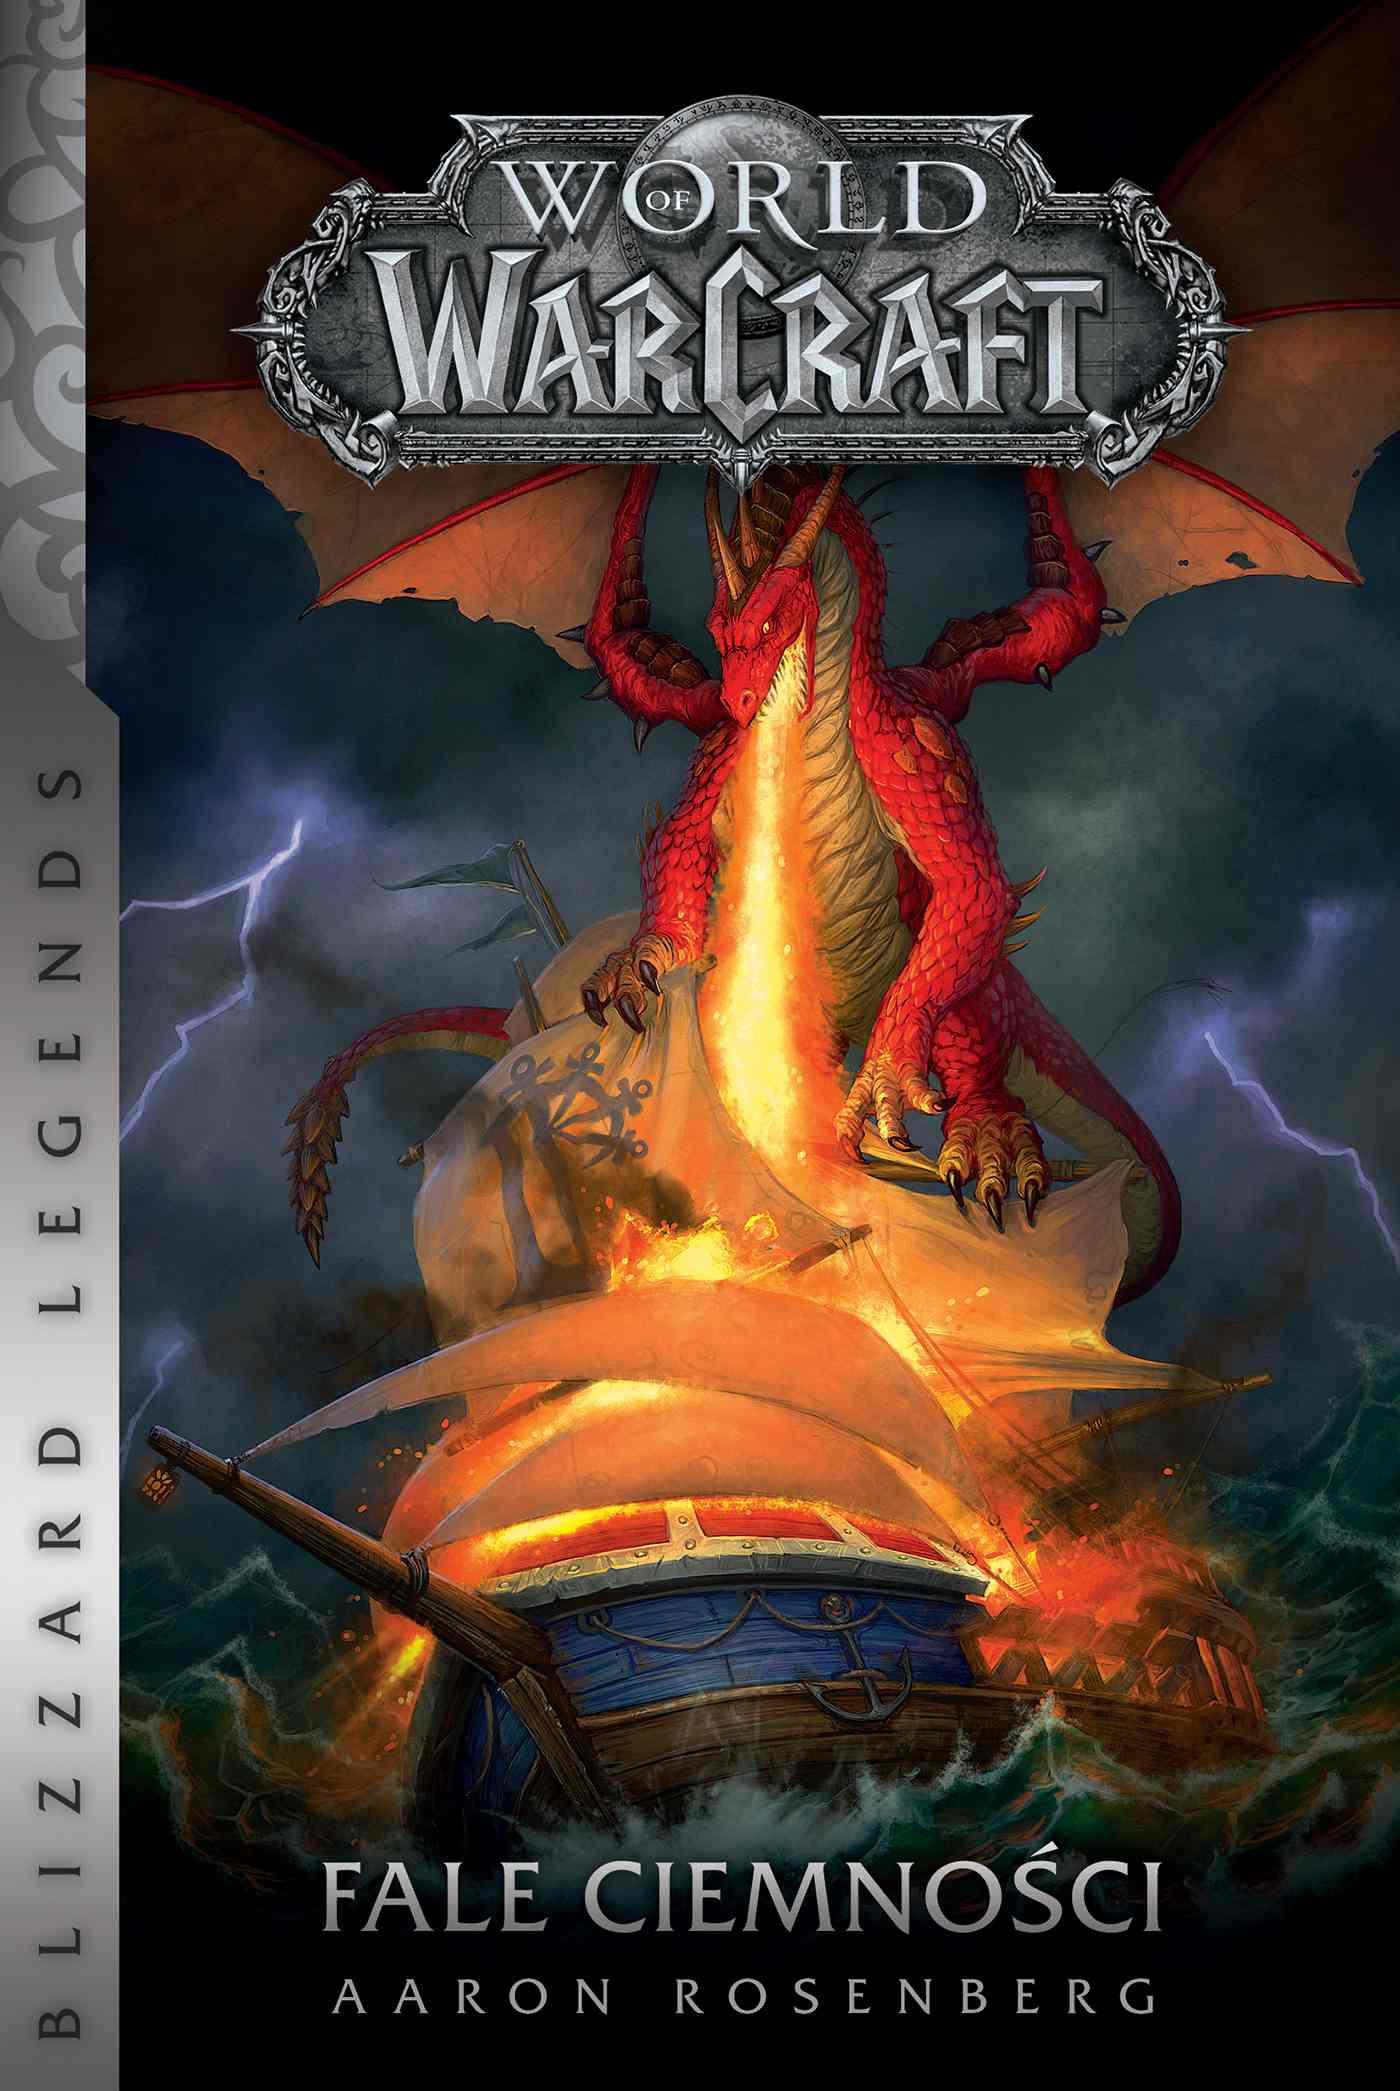 World of Warcraft: Fale ciemności - Ebook (Książka EPUB) do pobrania w formacie EPUB